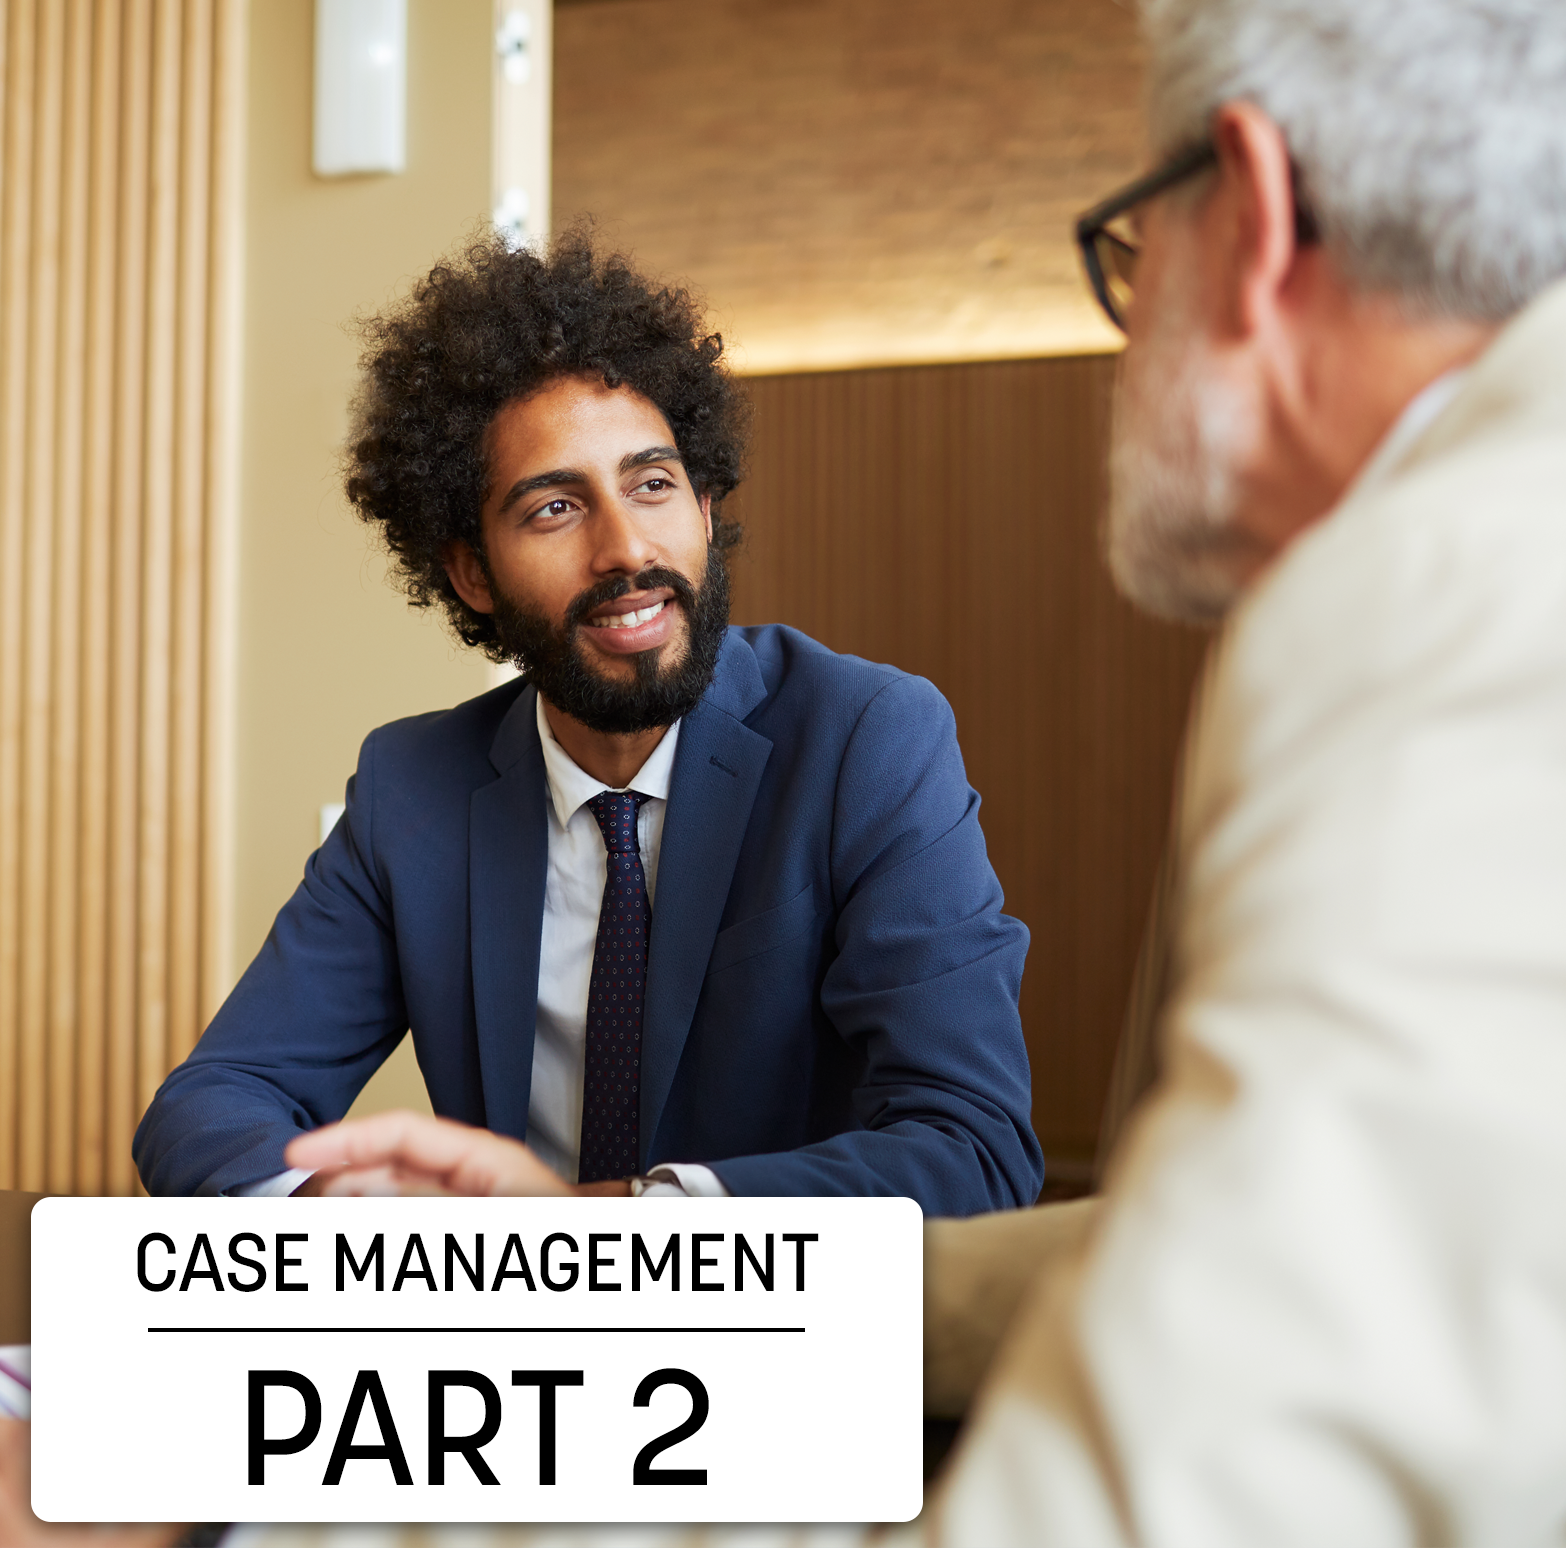 WTC21 Videos Page - Case Management Pt 2